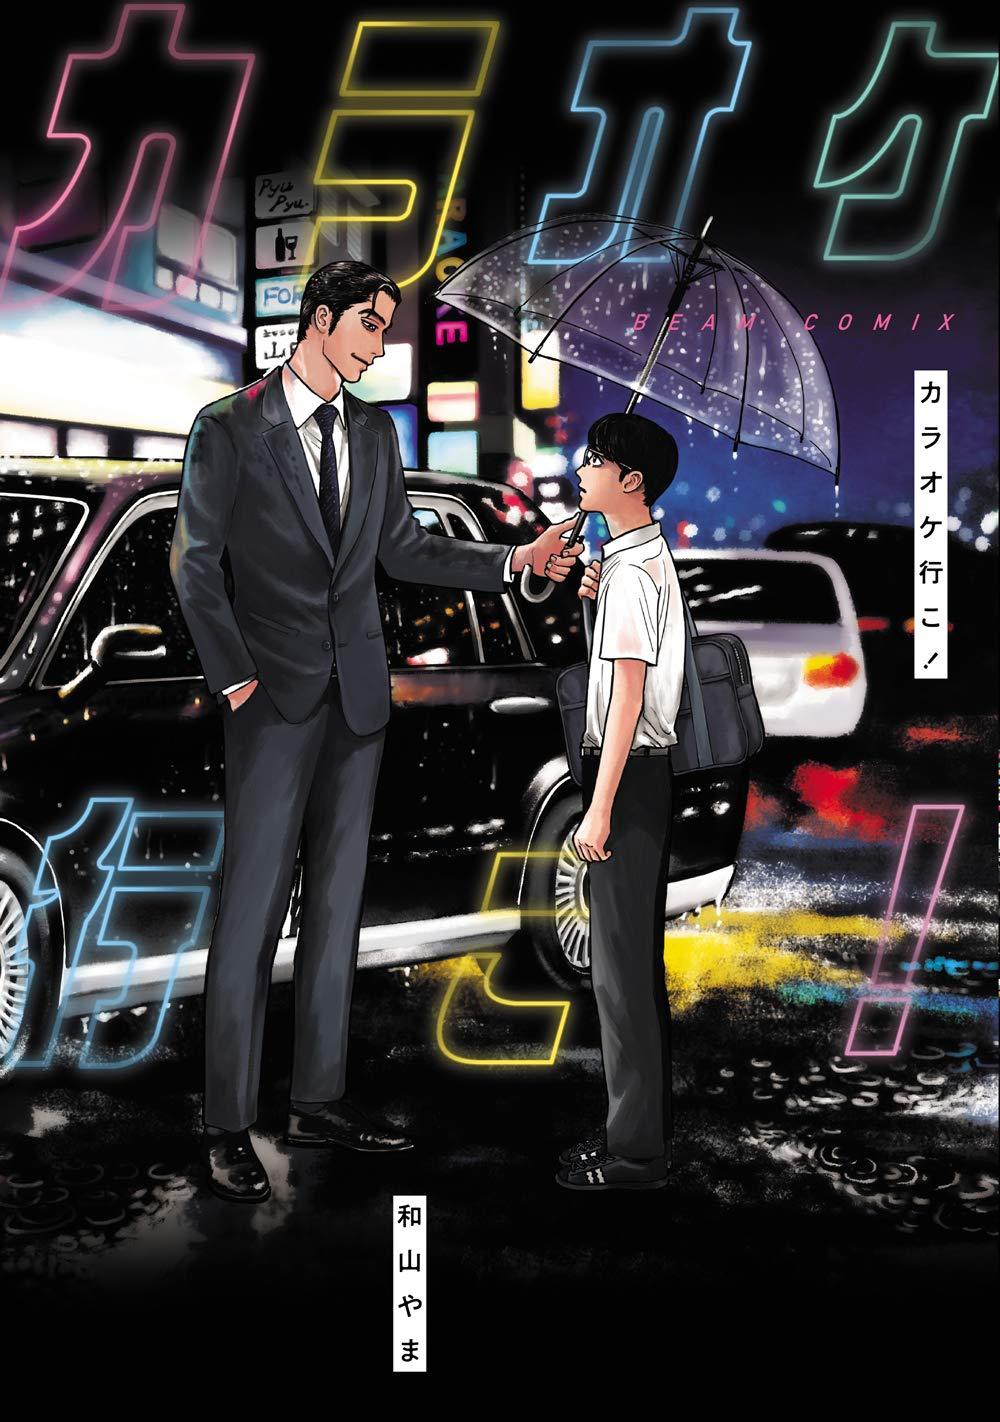 和山やま先生「カラオケ行こ!」が朗読劇に!歌がうまくなりたいヤクザ・狂児役は江口拓也さん